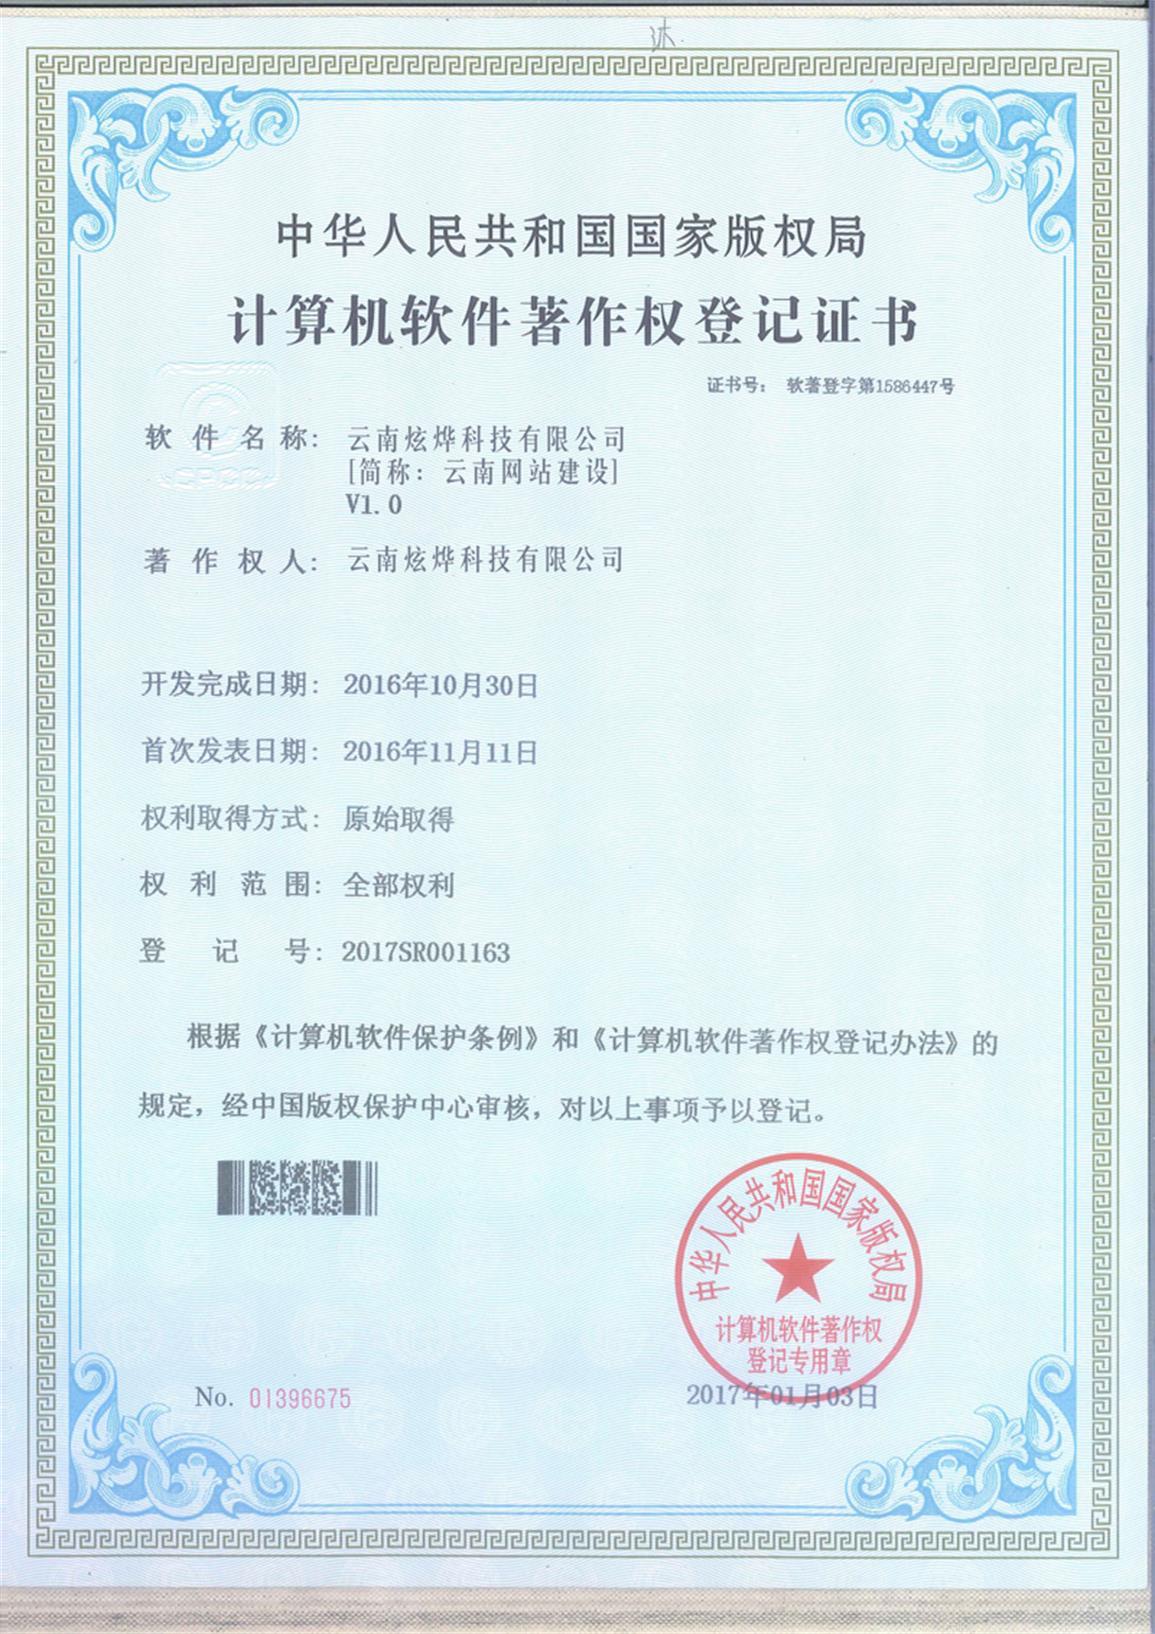 云南网站建设-企业荣誉315-5.jpg